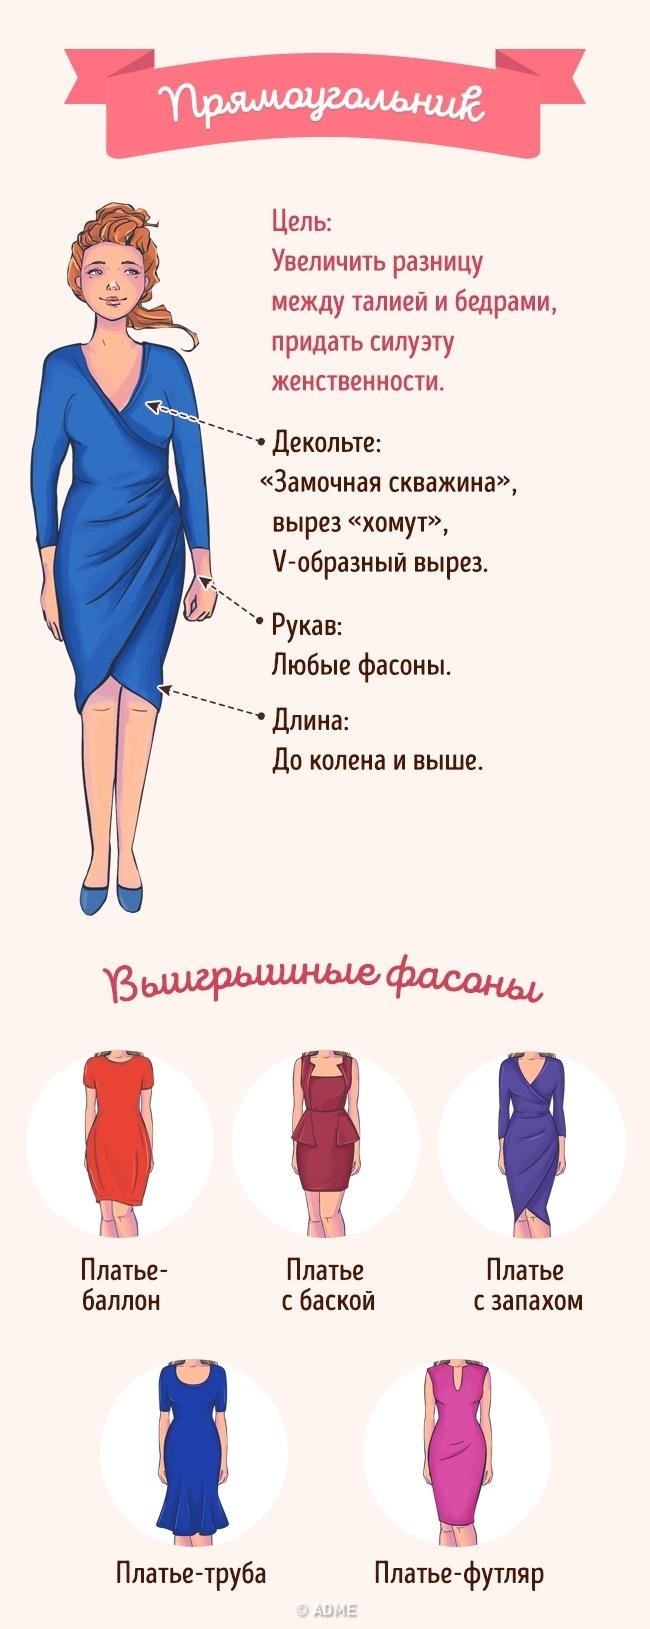 Иллюстратор Alena Tsarkova специально для fotojoin.ru